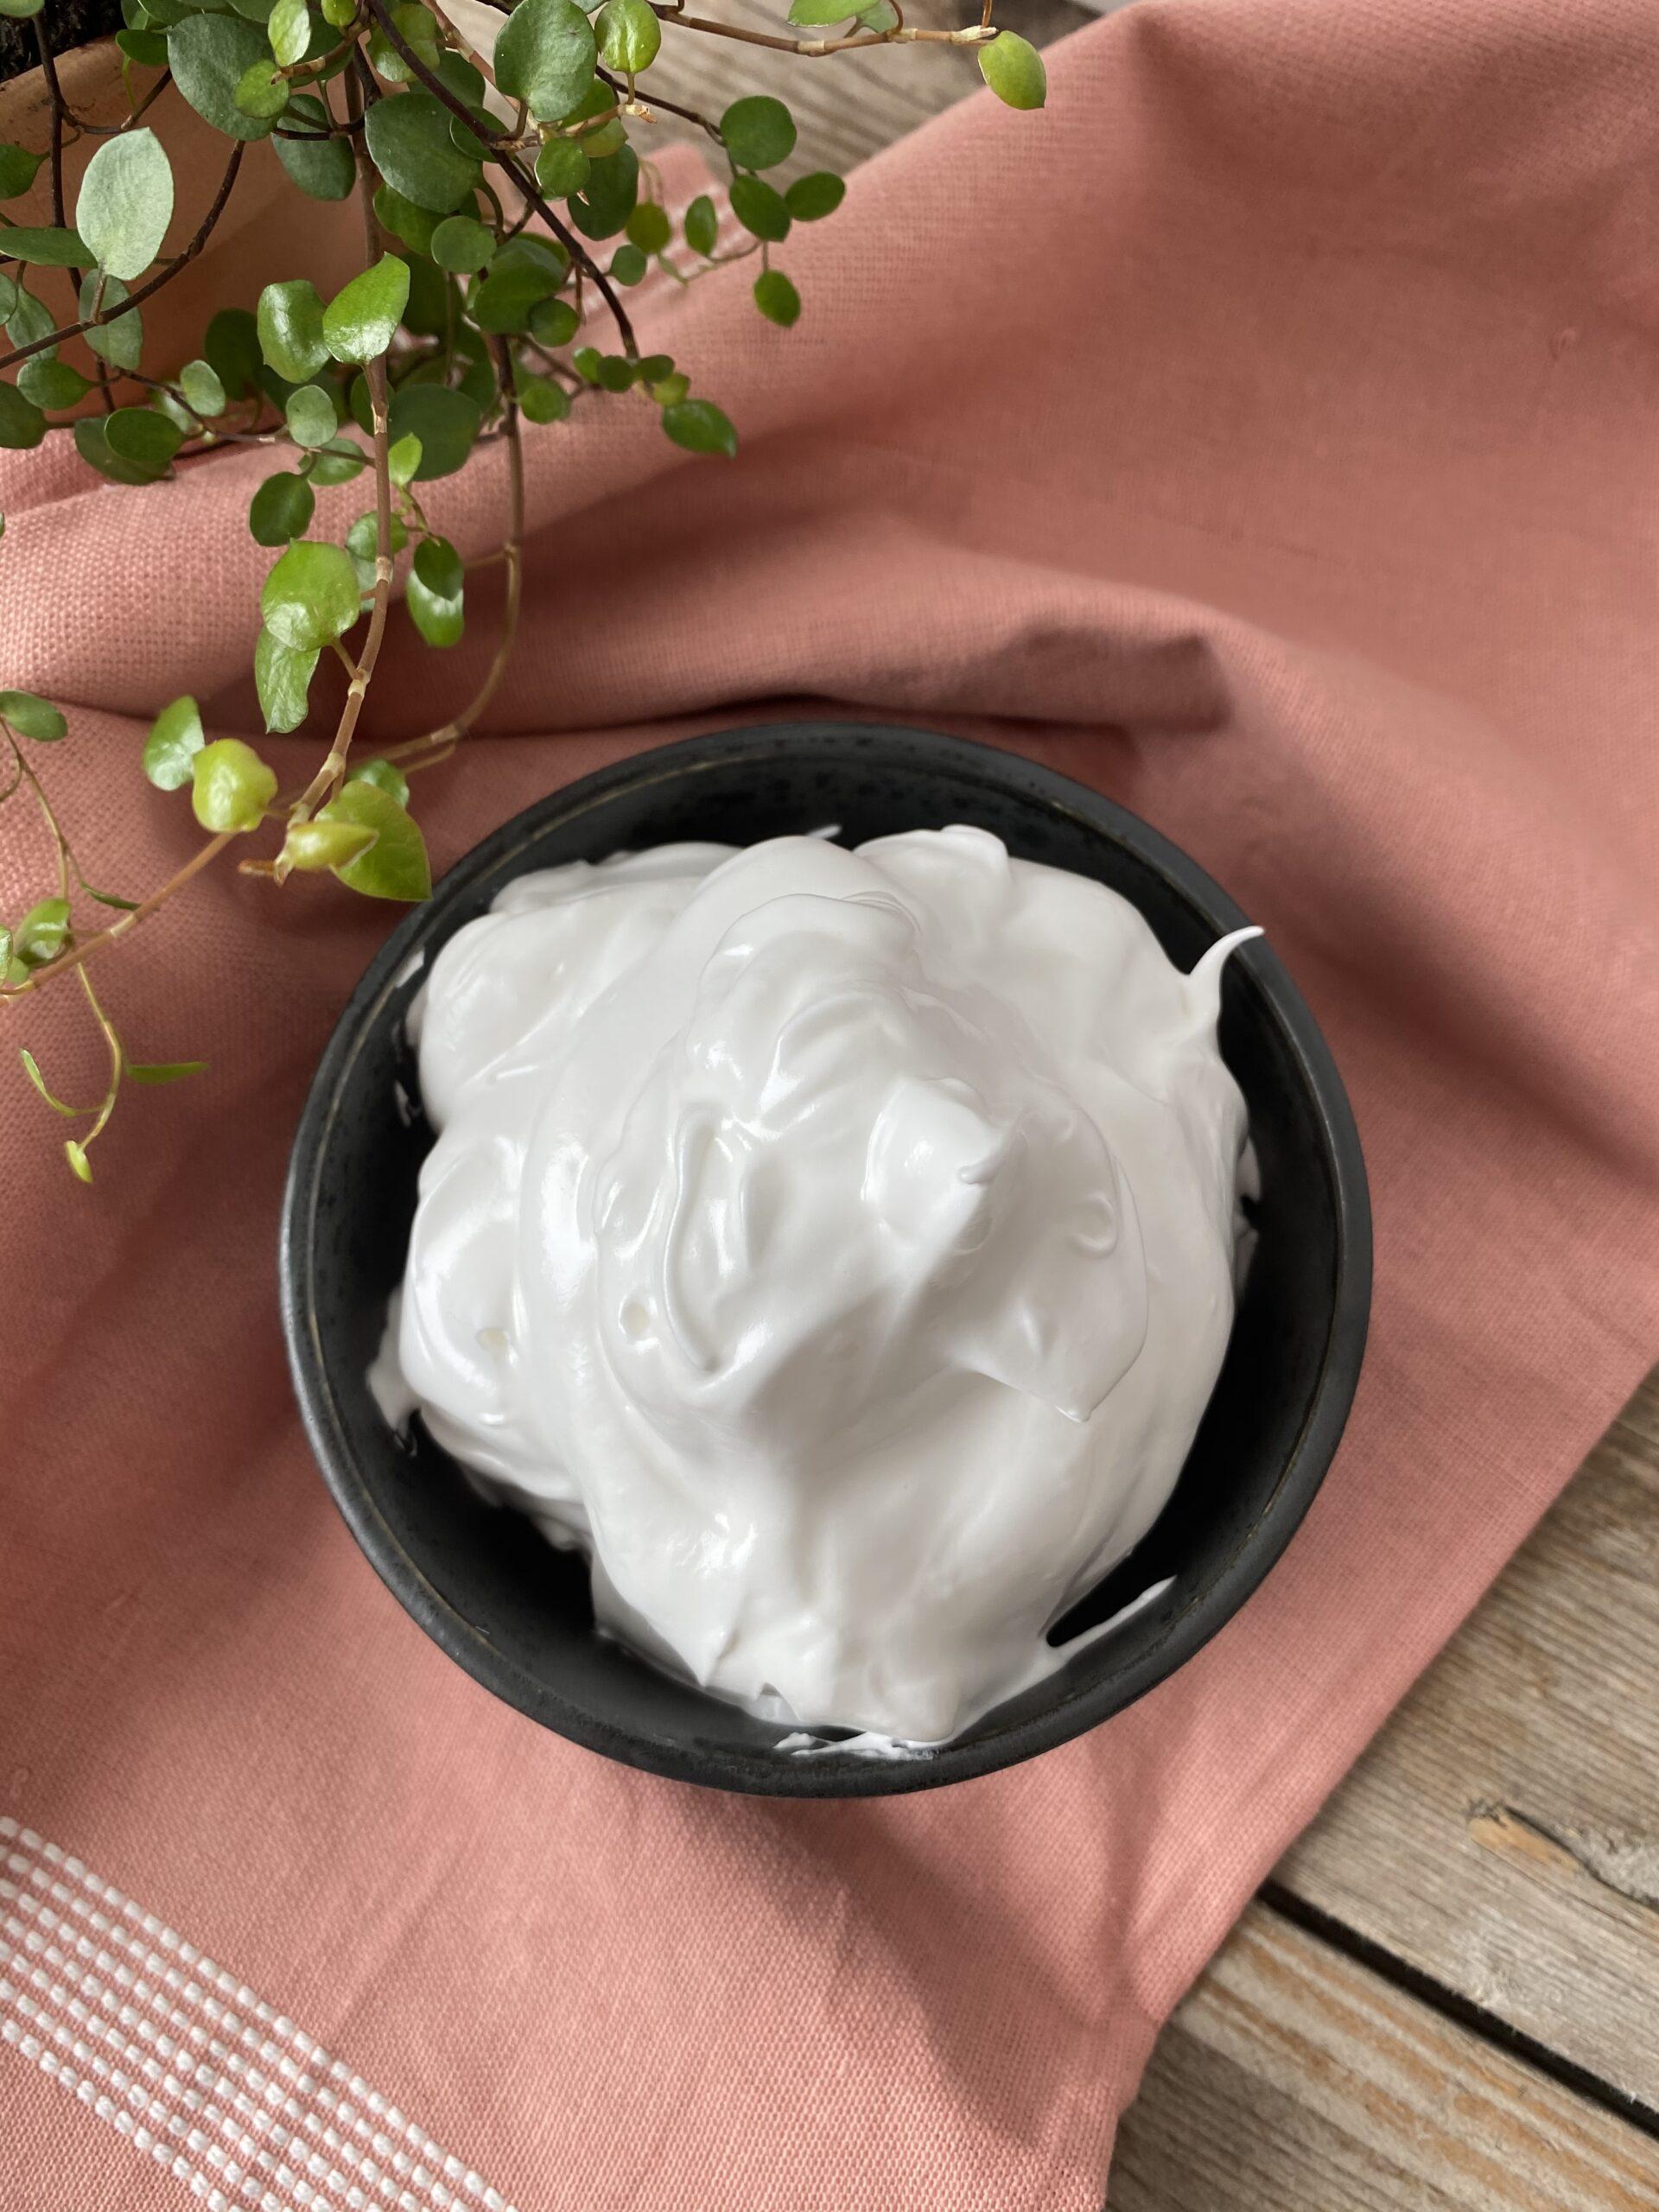 hjemmelavet guf i en skål